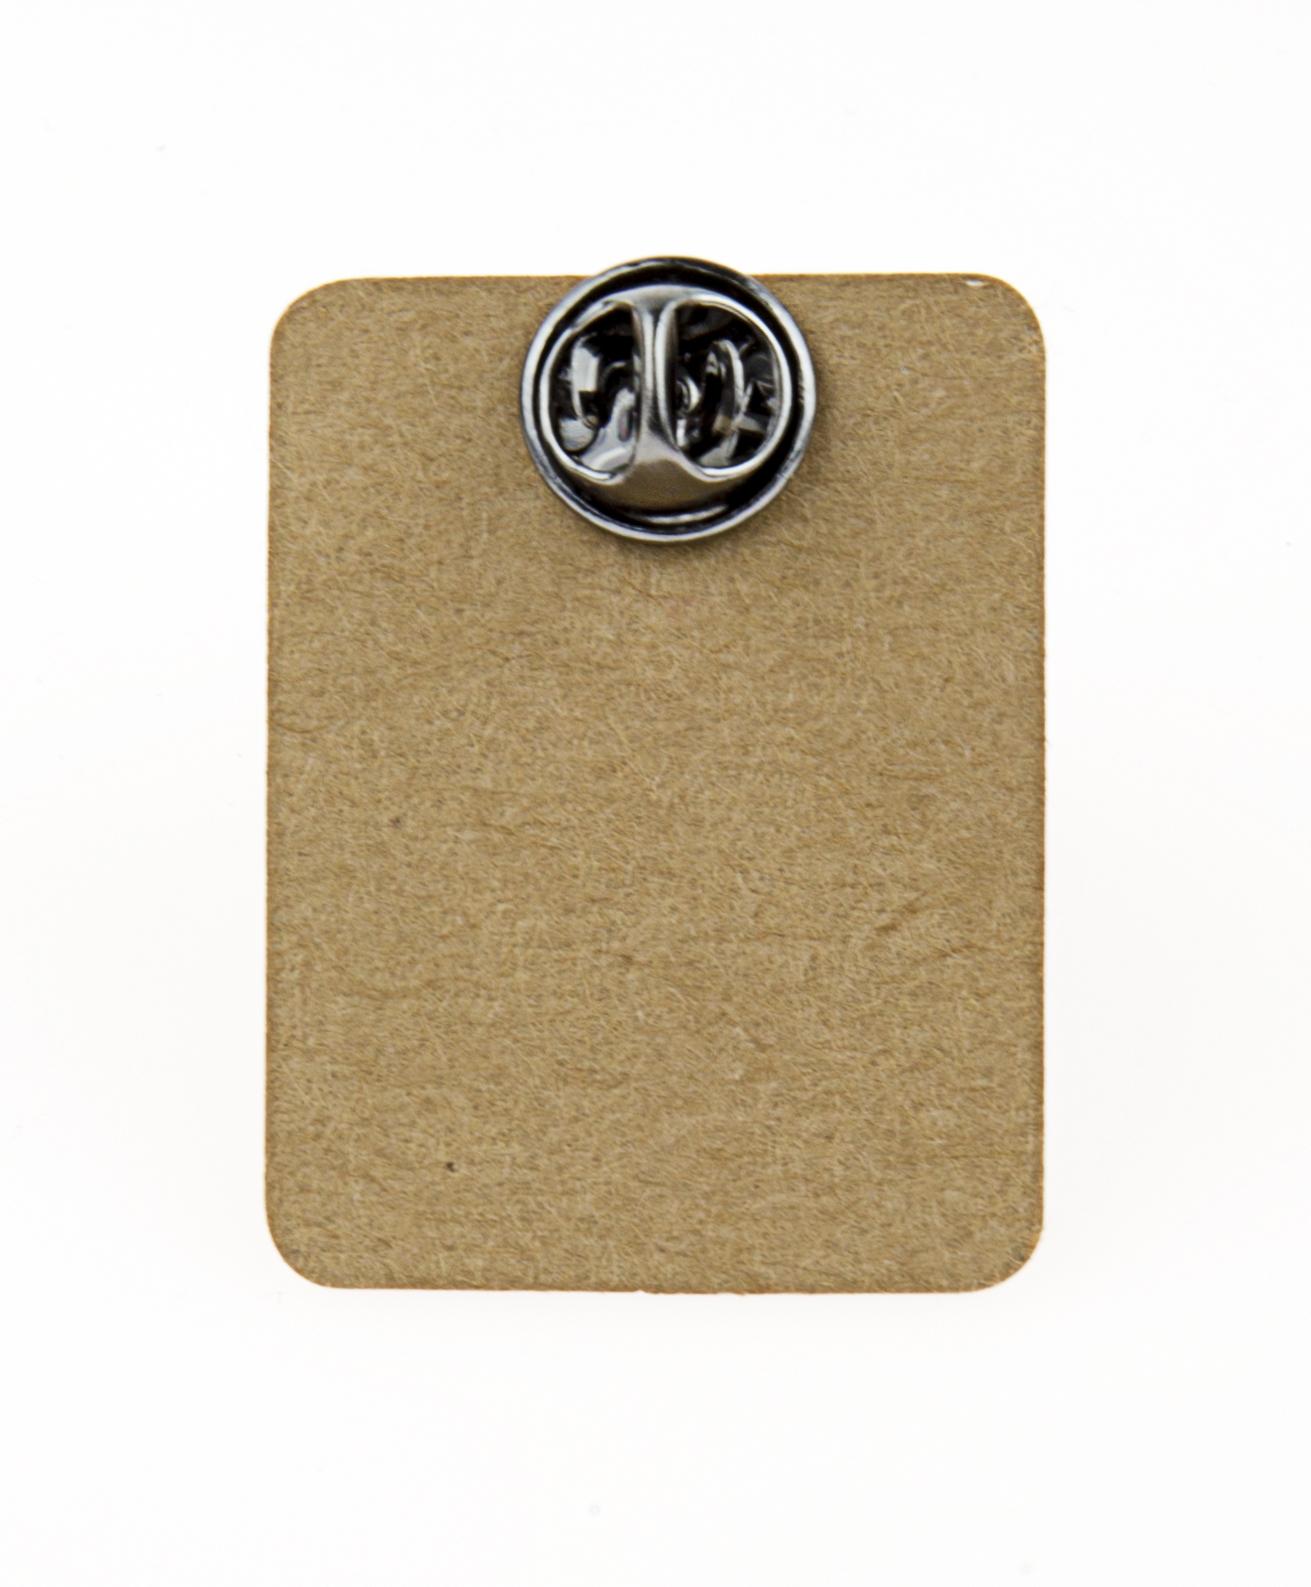 Metal Kite Enamel Pin Badge